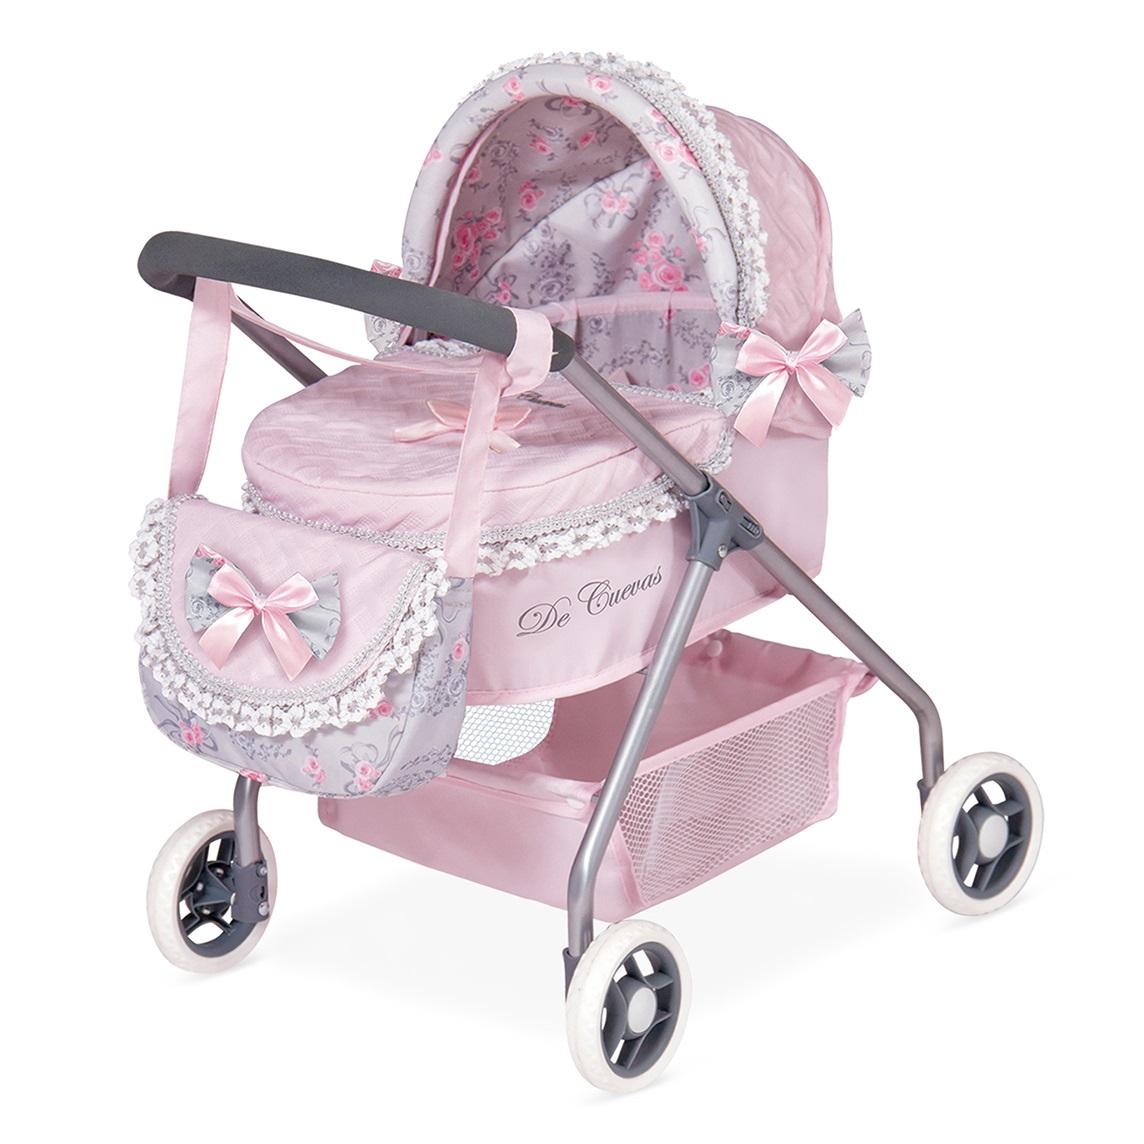 """Коляска для кукол """"Романтик"""" с сумкой, розовая, 56 см"""